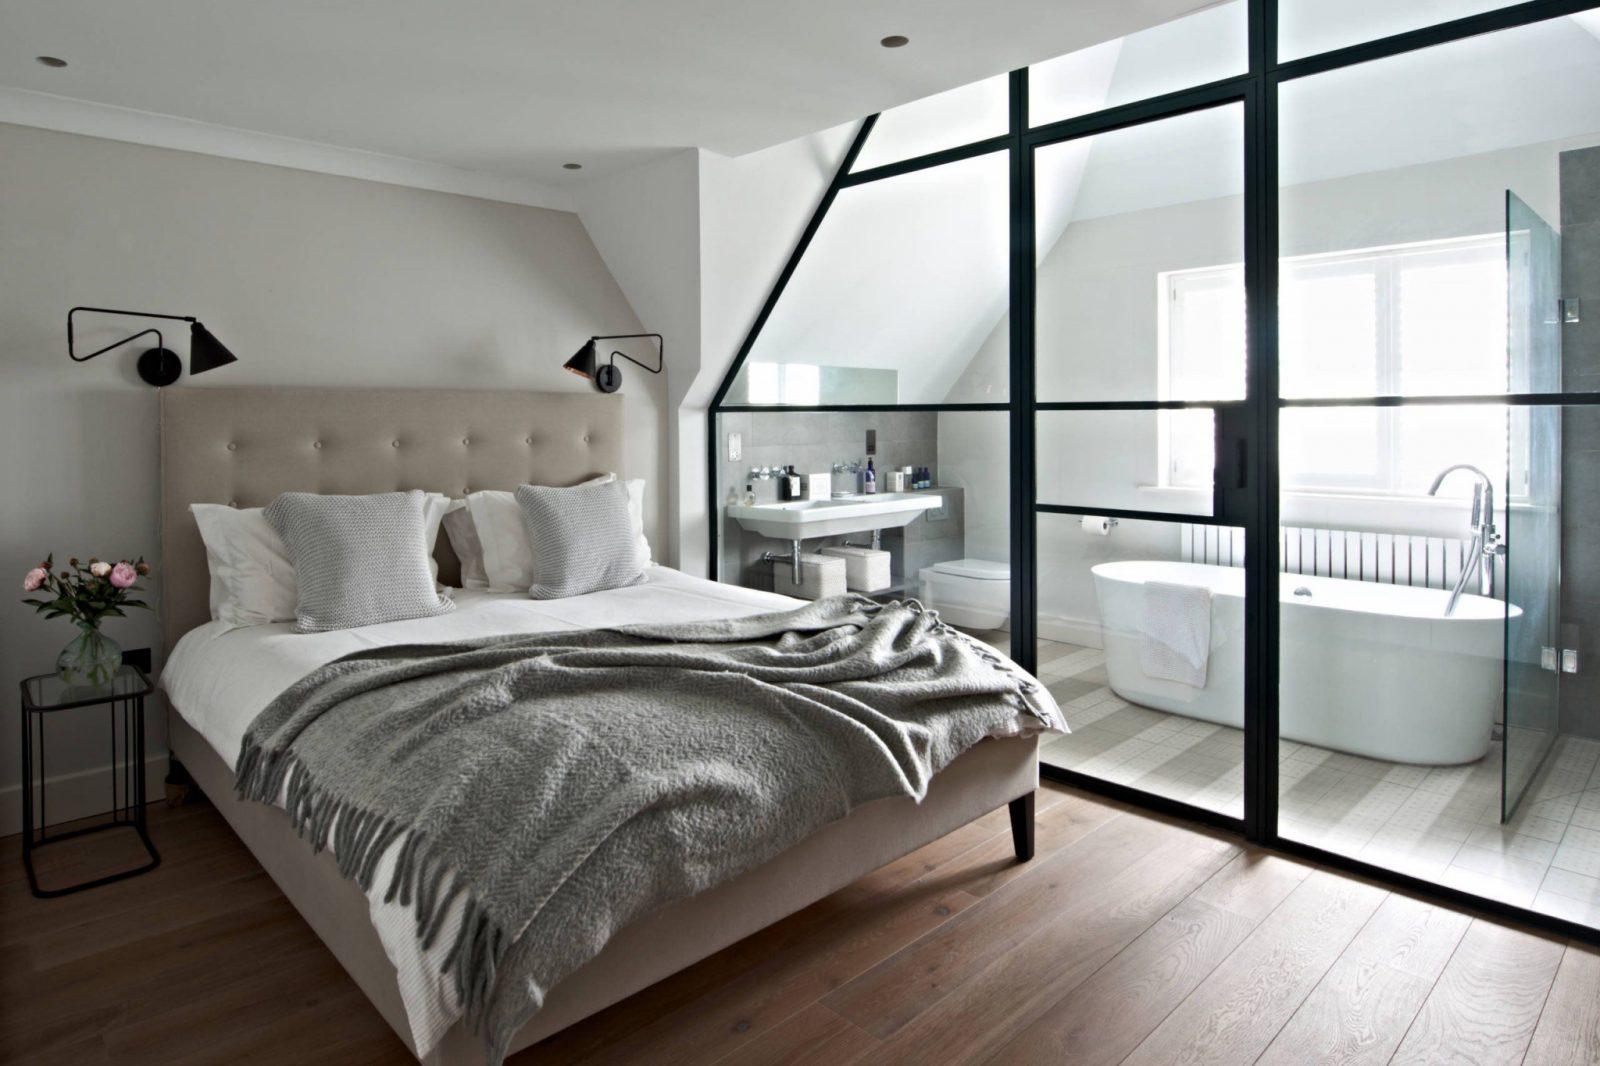 Neuesten Bett Designs Schöne Schlafzimmer Modernes von Schöne Schlafzimmer Ideen Bild